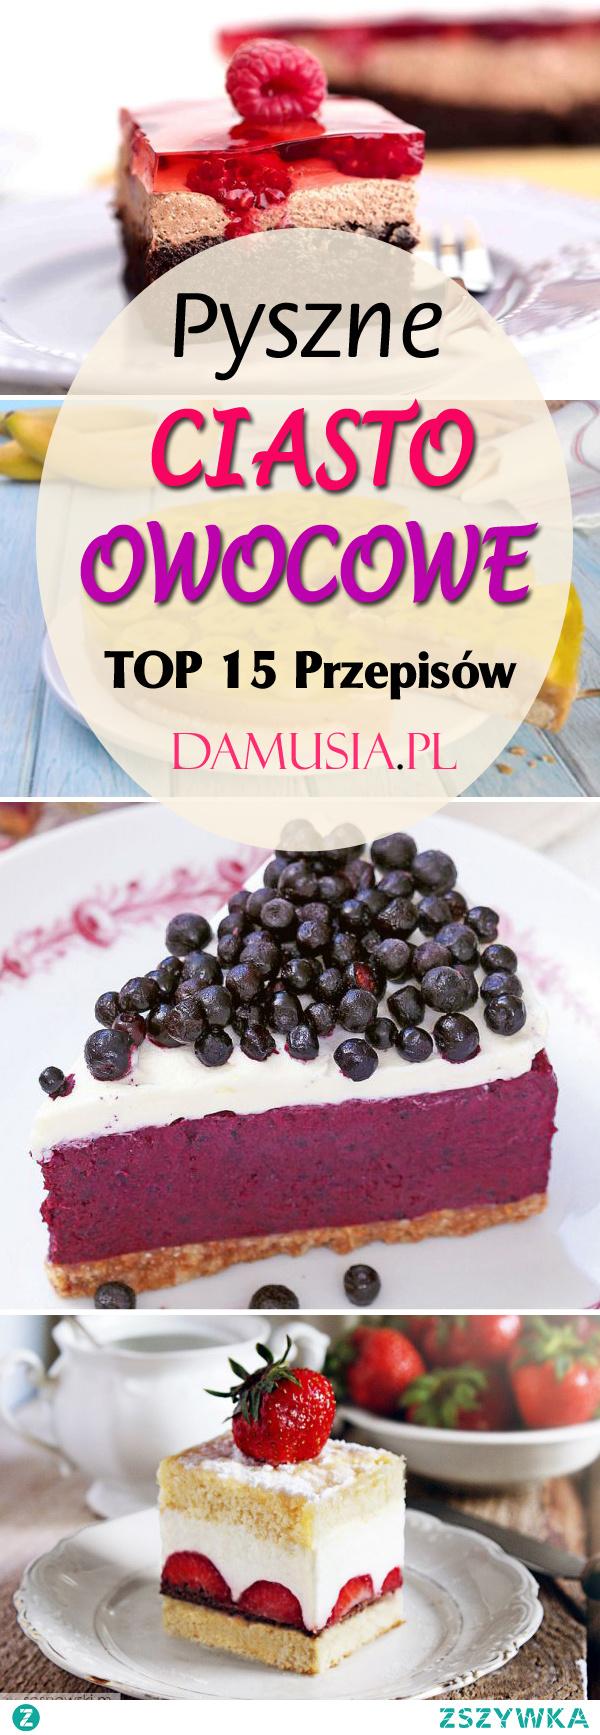 Pyszne Ciasto Owocowe: TOP 15 Najlepszych Przepisów